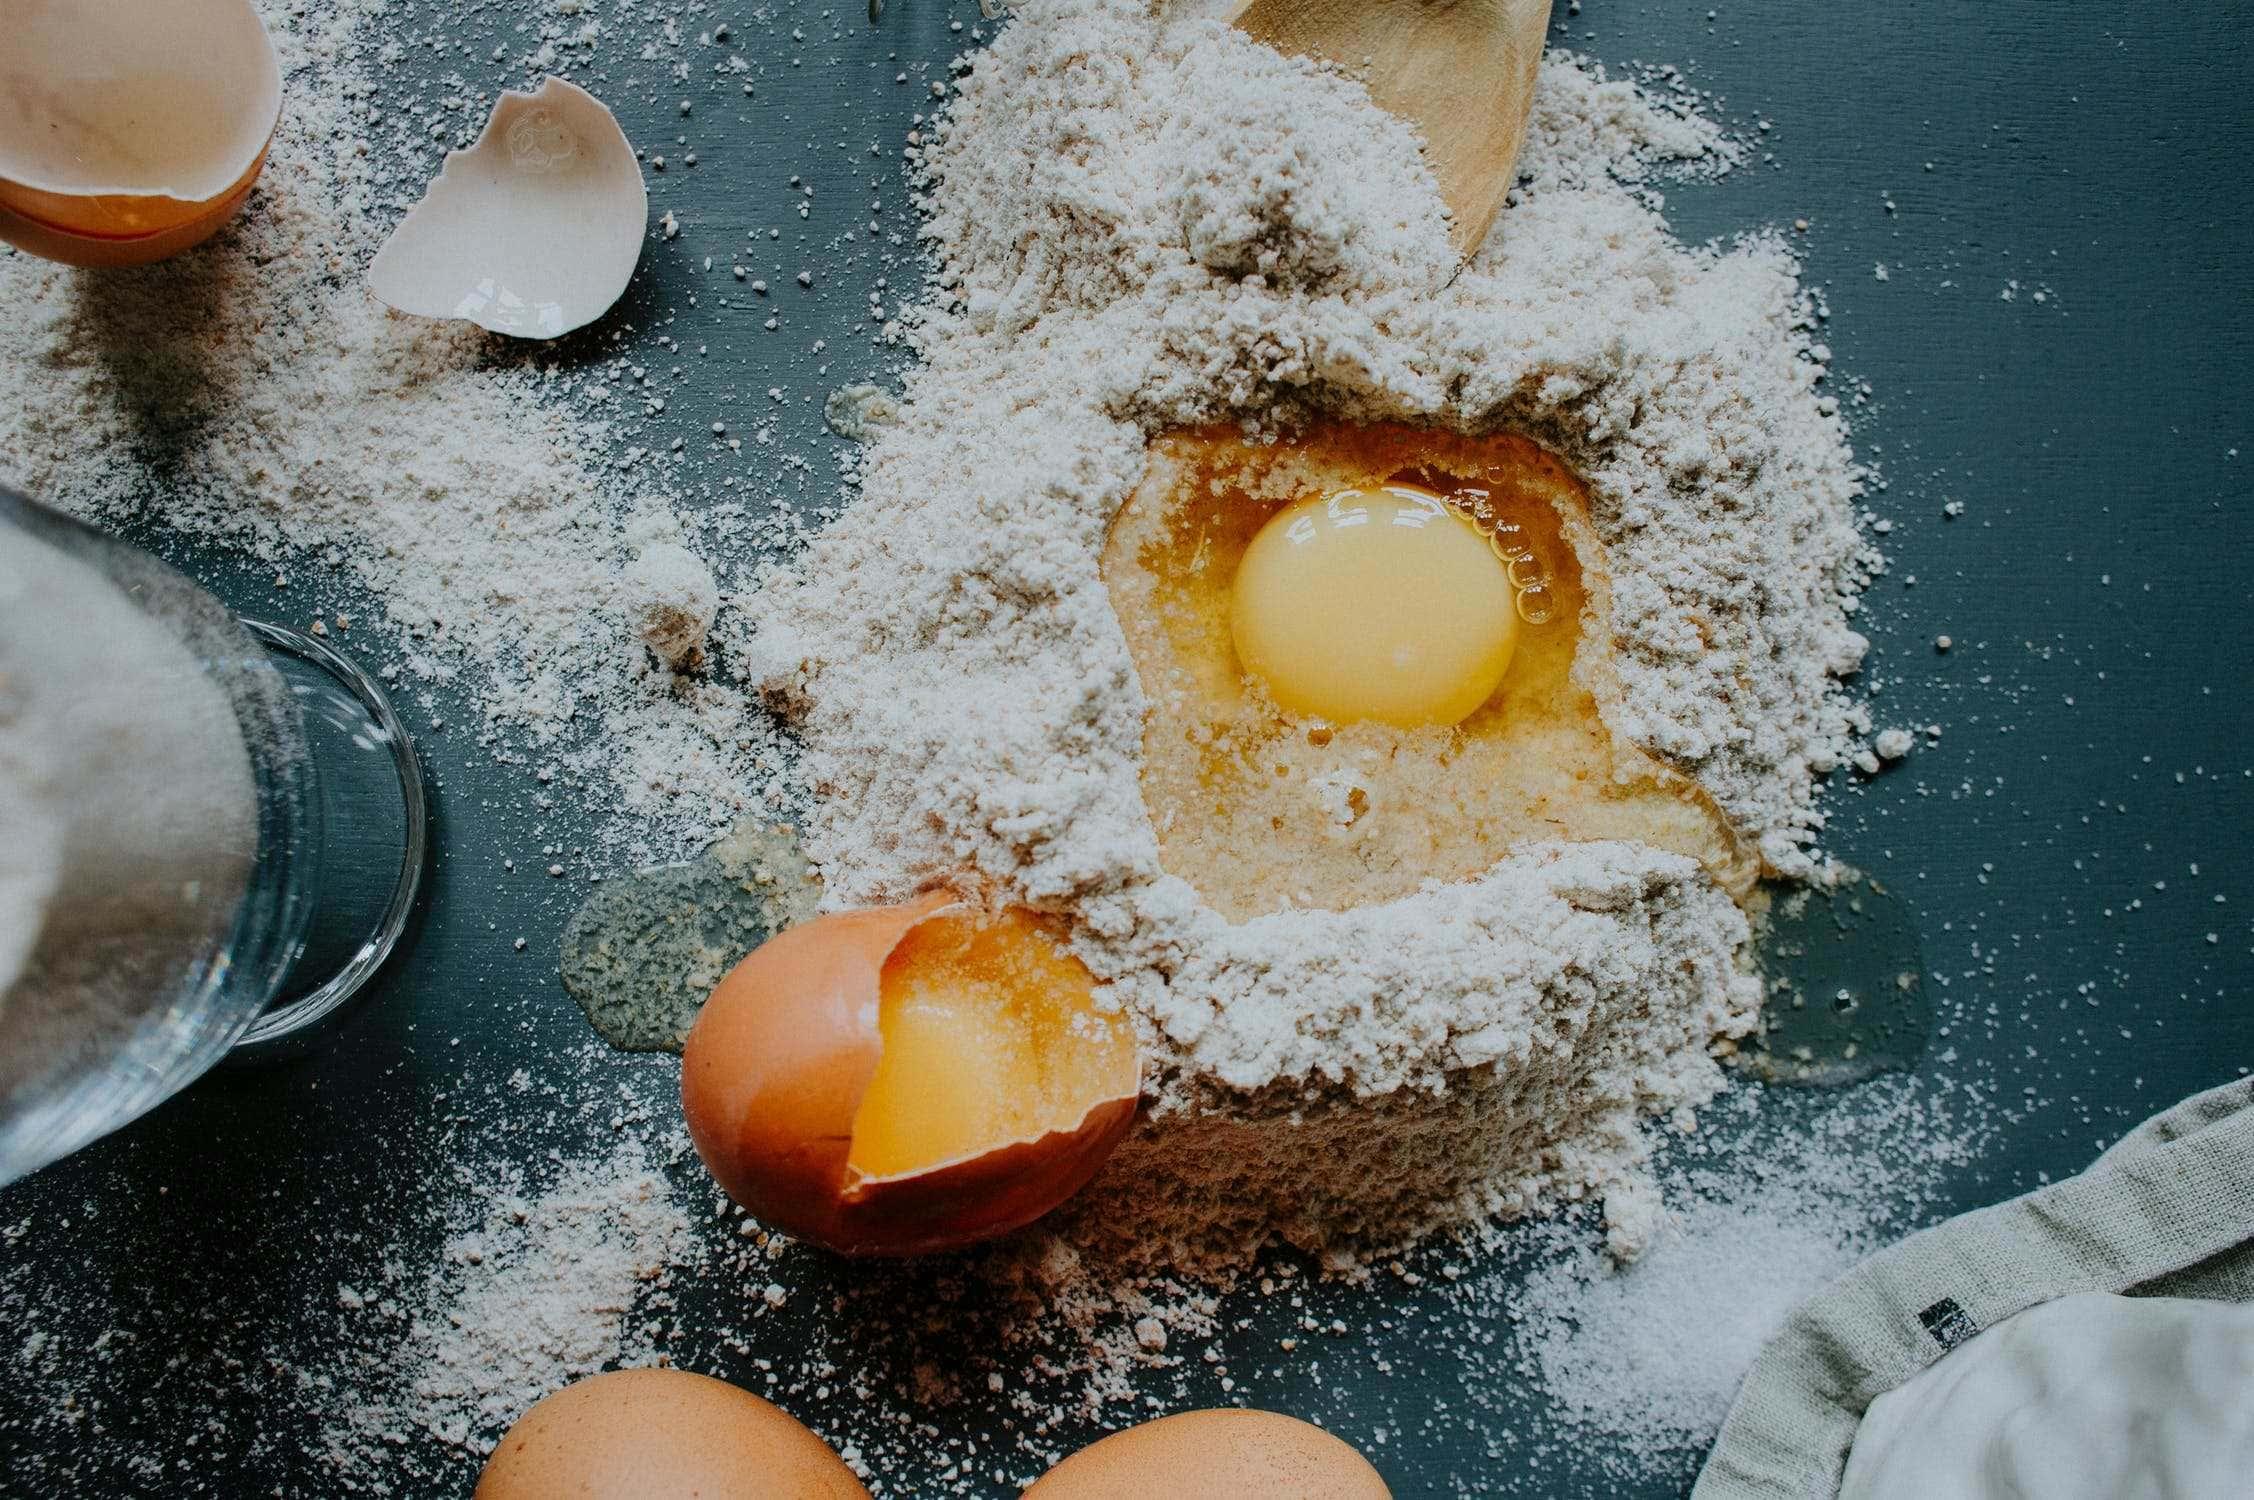 Receta de Huevos Rotos con Jamón de Teruel